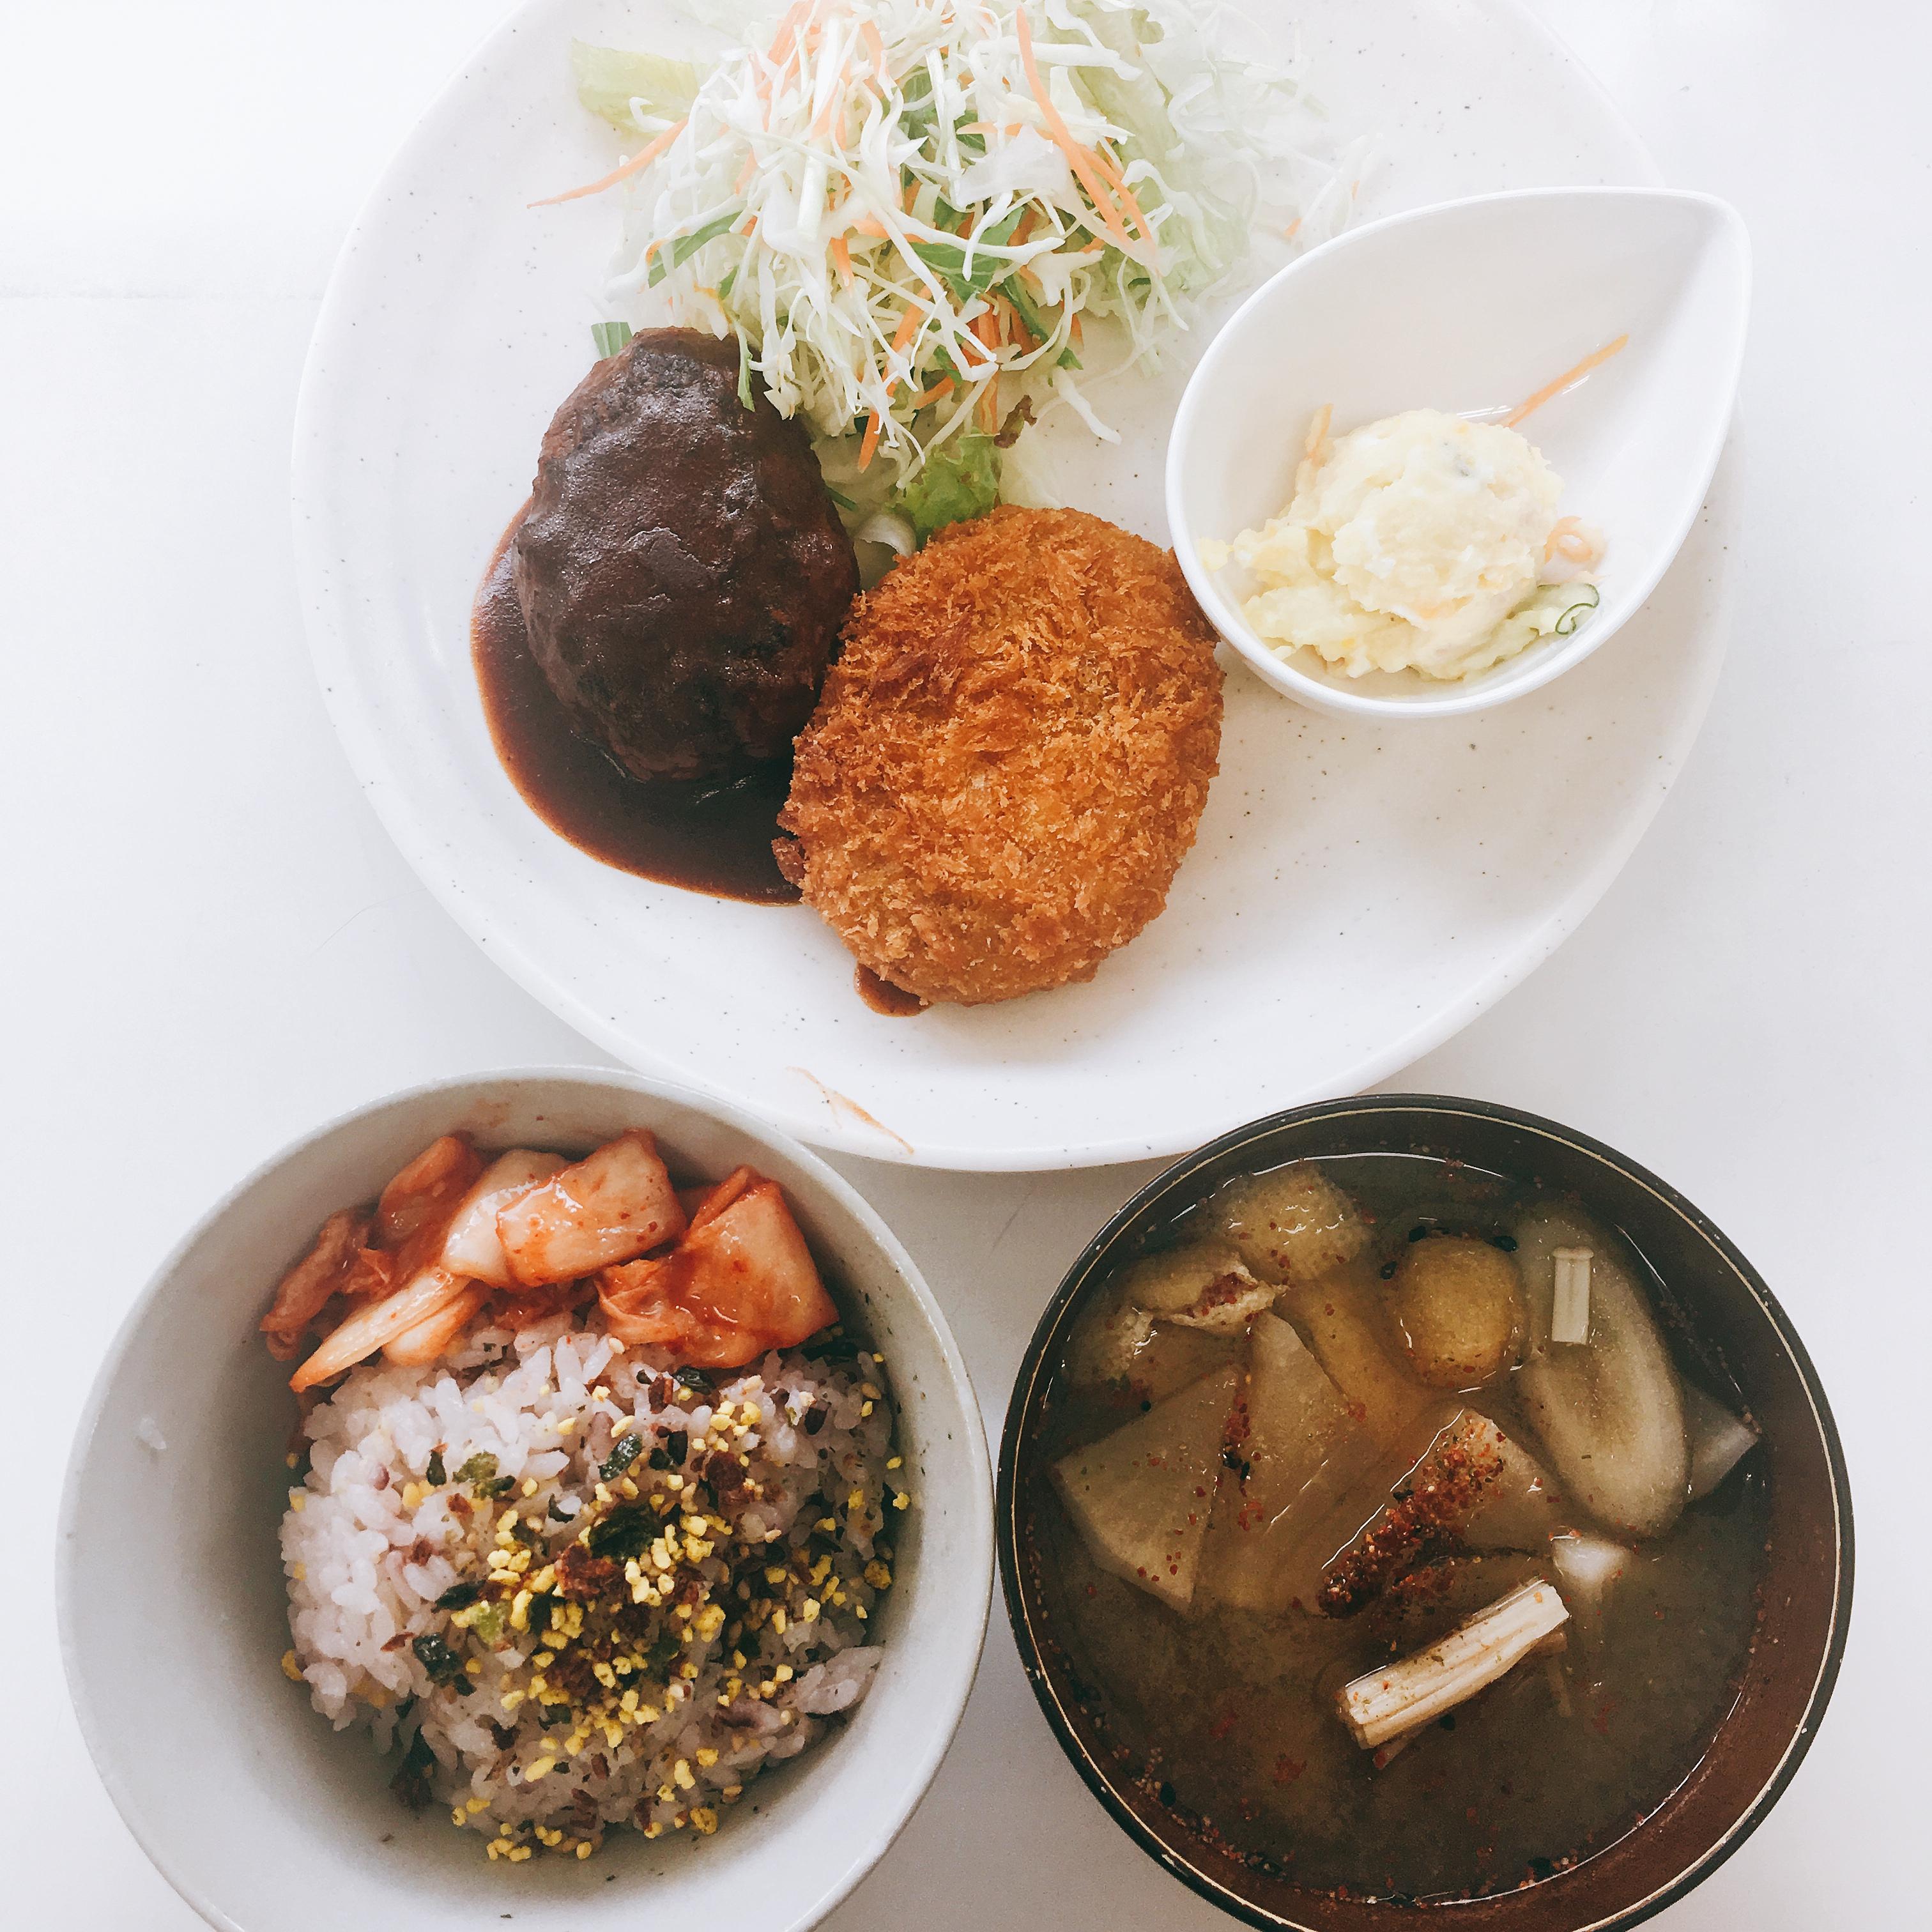 어느 일본 회사의 식당 메뉴